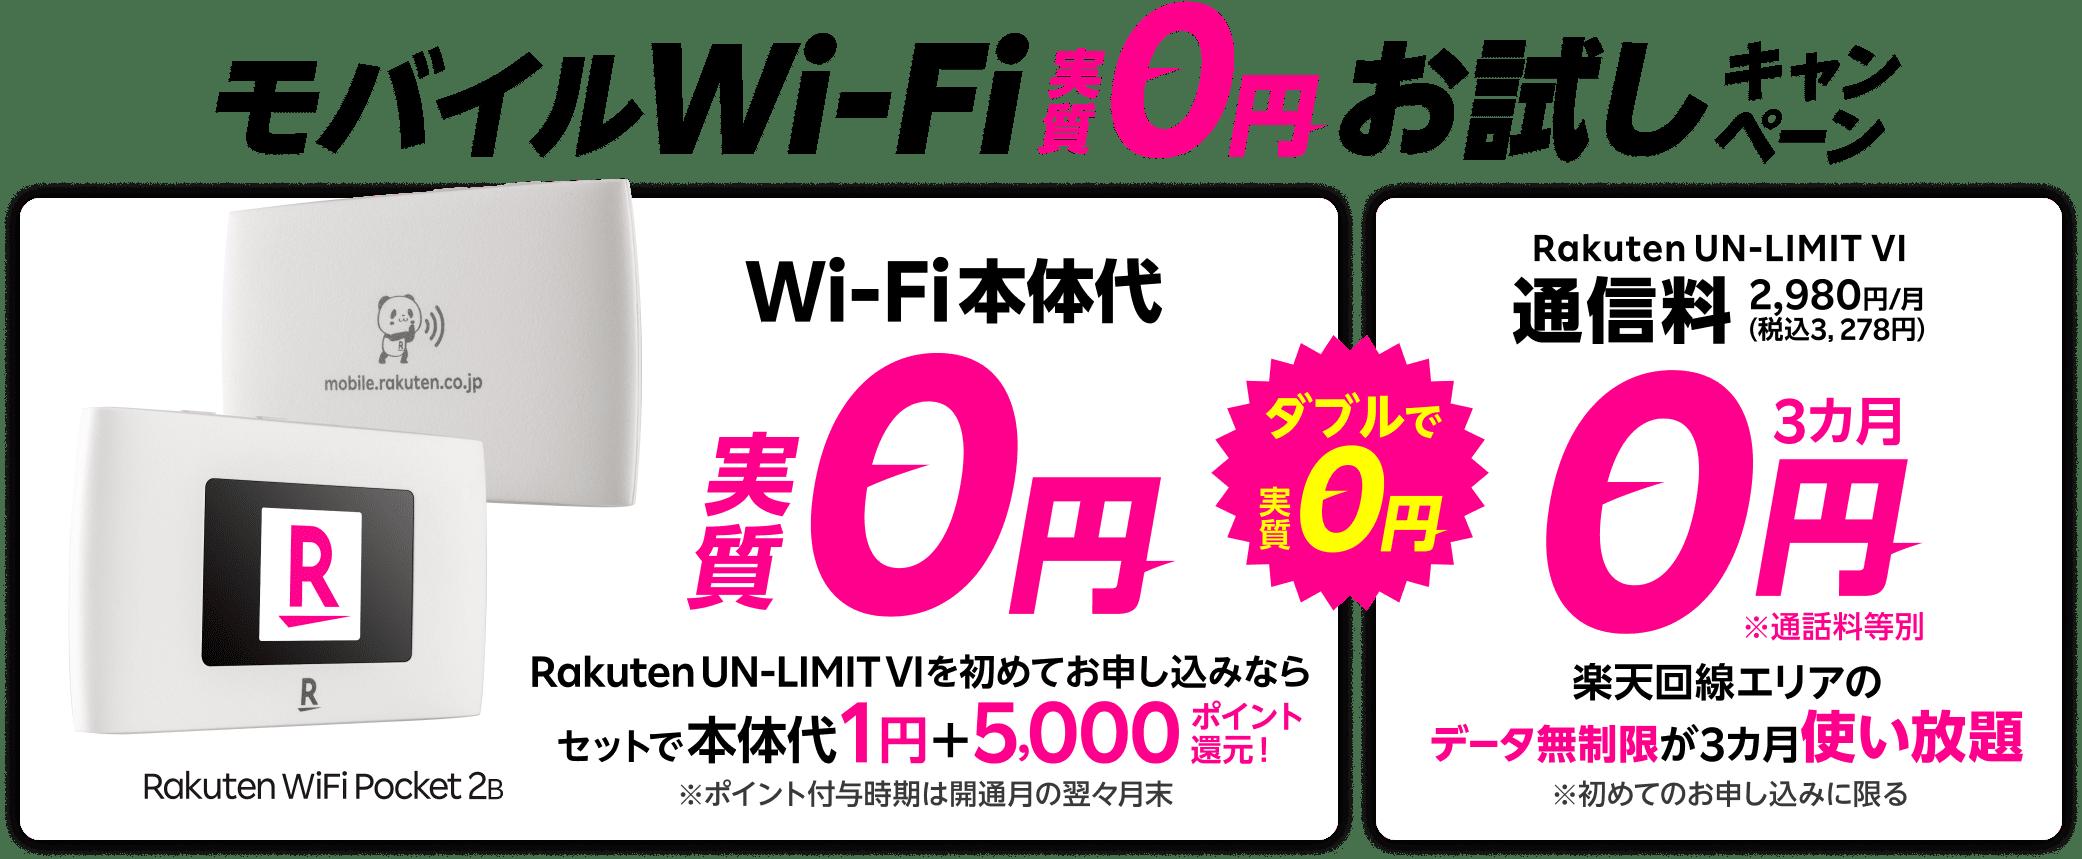 楽天モバイル、モバイルルーター「Rakuten WiFi Pocket 2B」を実質マイナス5000円で新発売。テレワークに使えるな。7/29~。